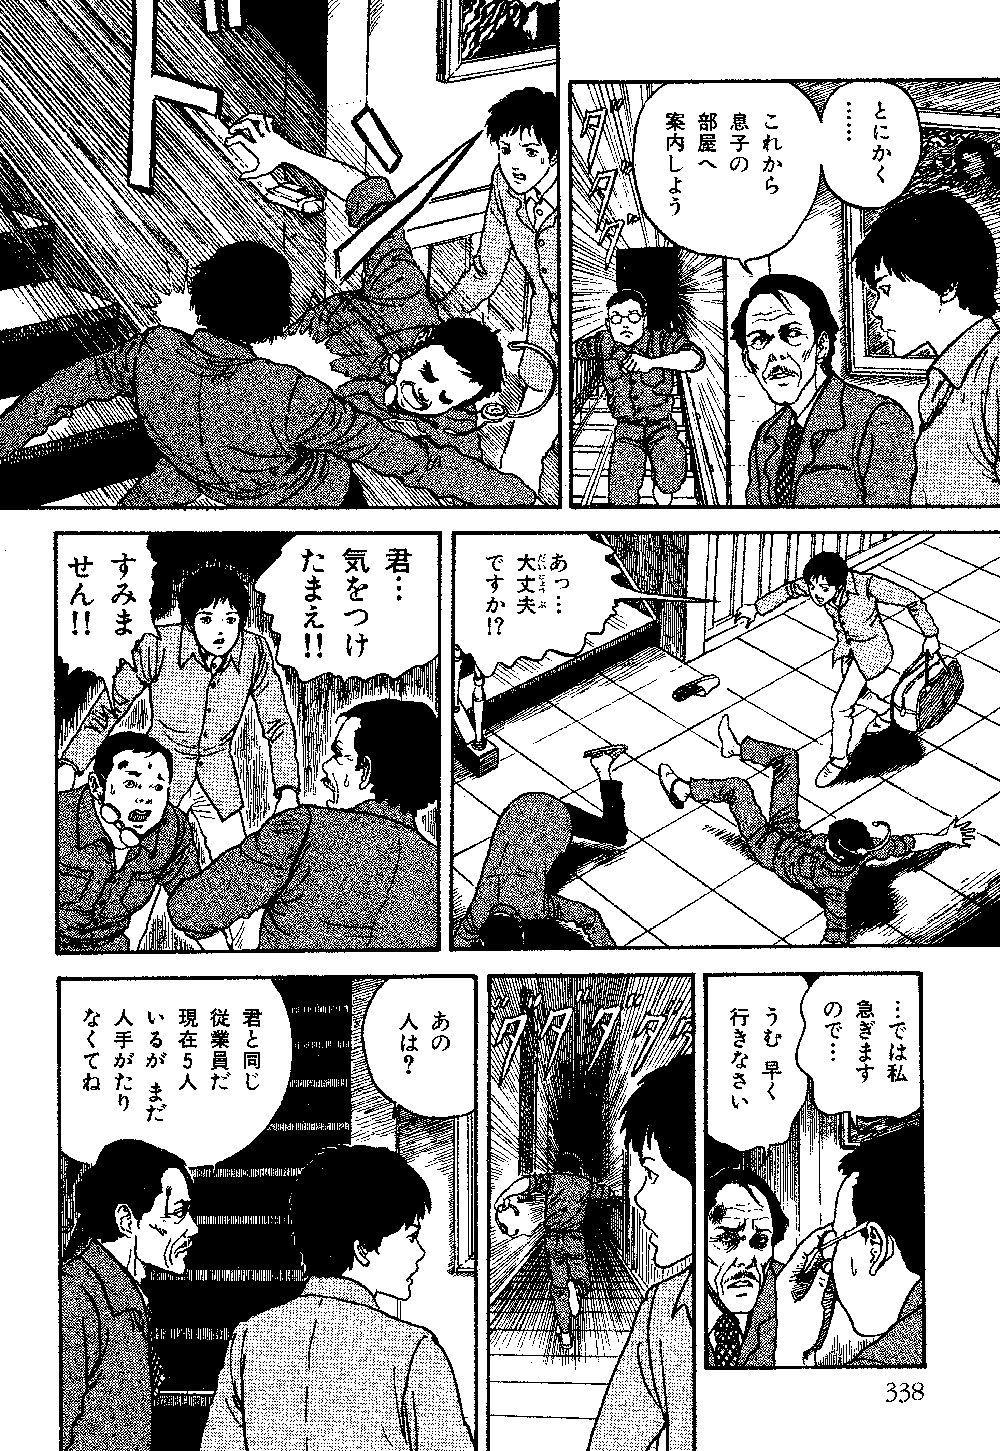 itouj_0004_0340 のコピー.jpg